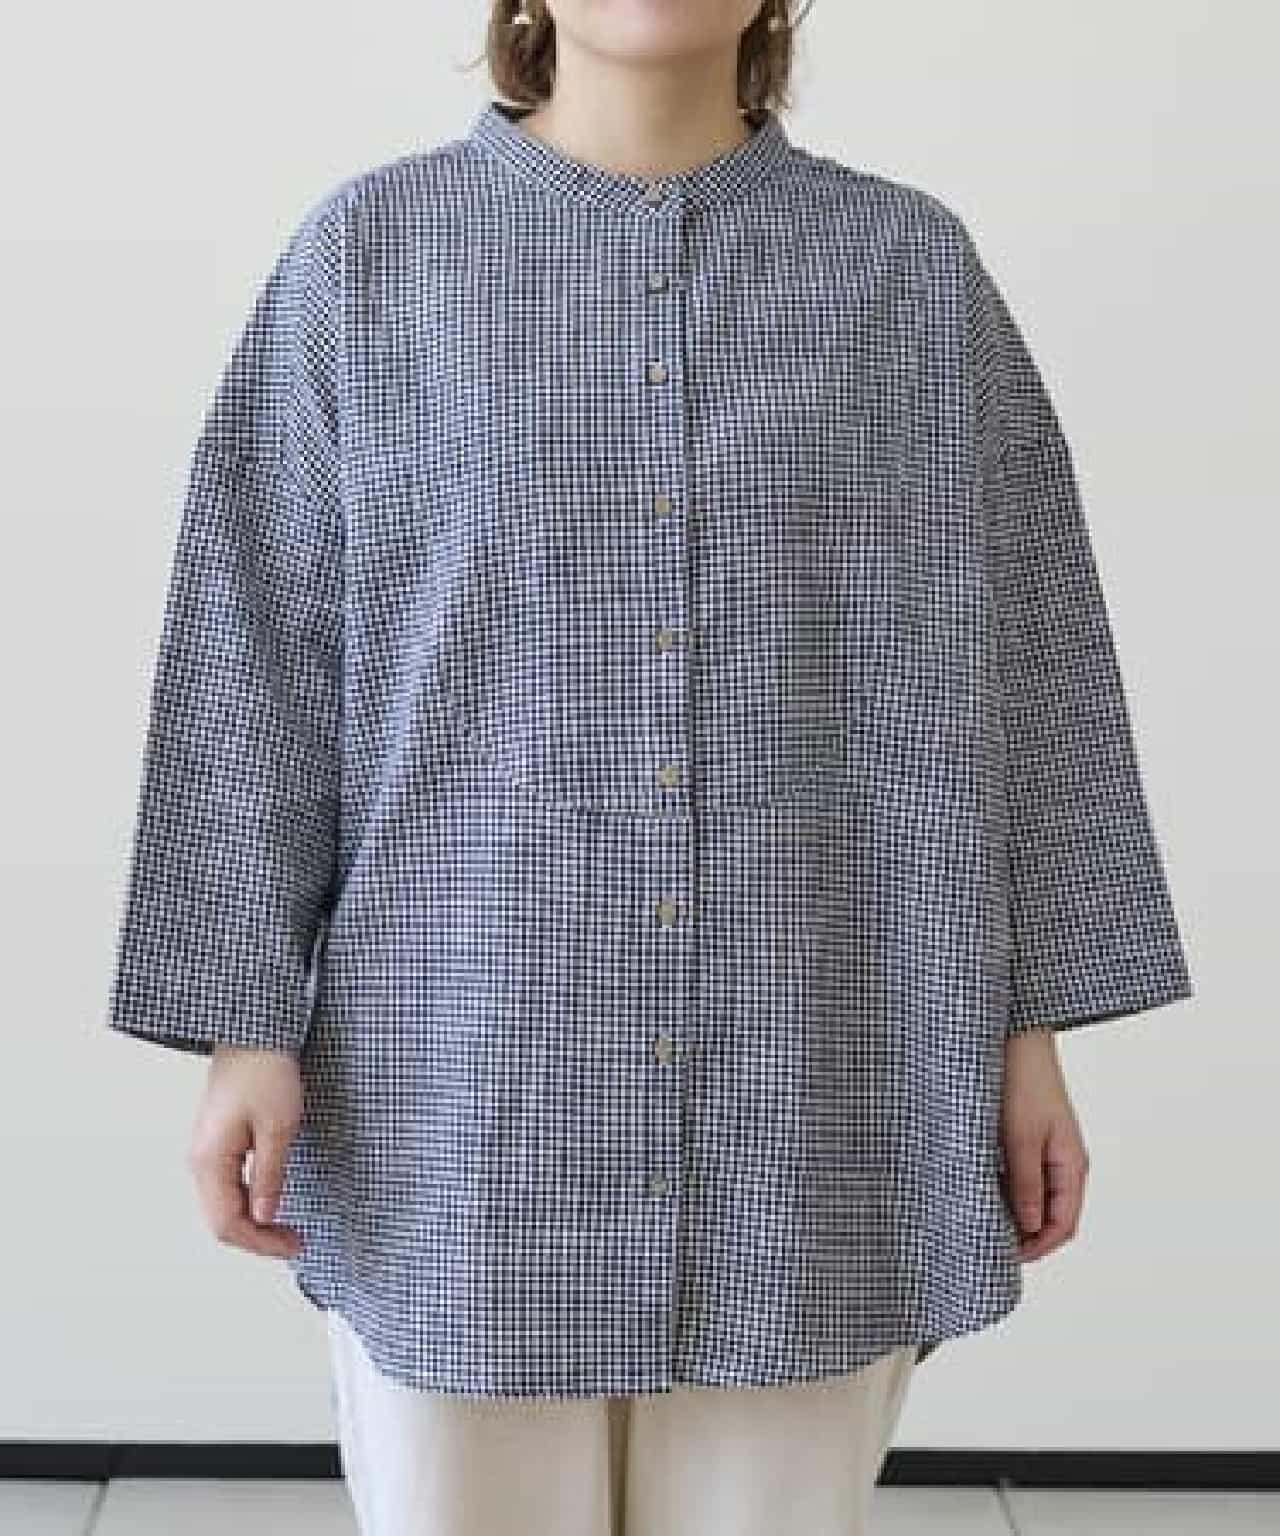 salut!のルームウェア発売 -- 着やすい&楽ちんなシャツやパンツ